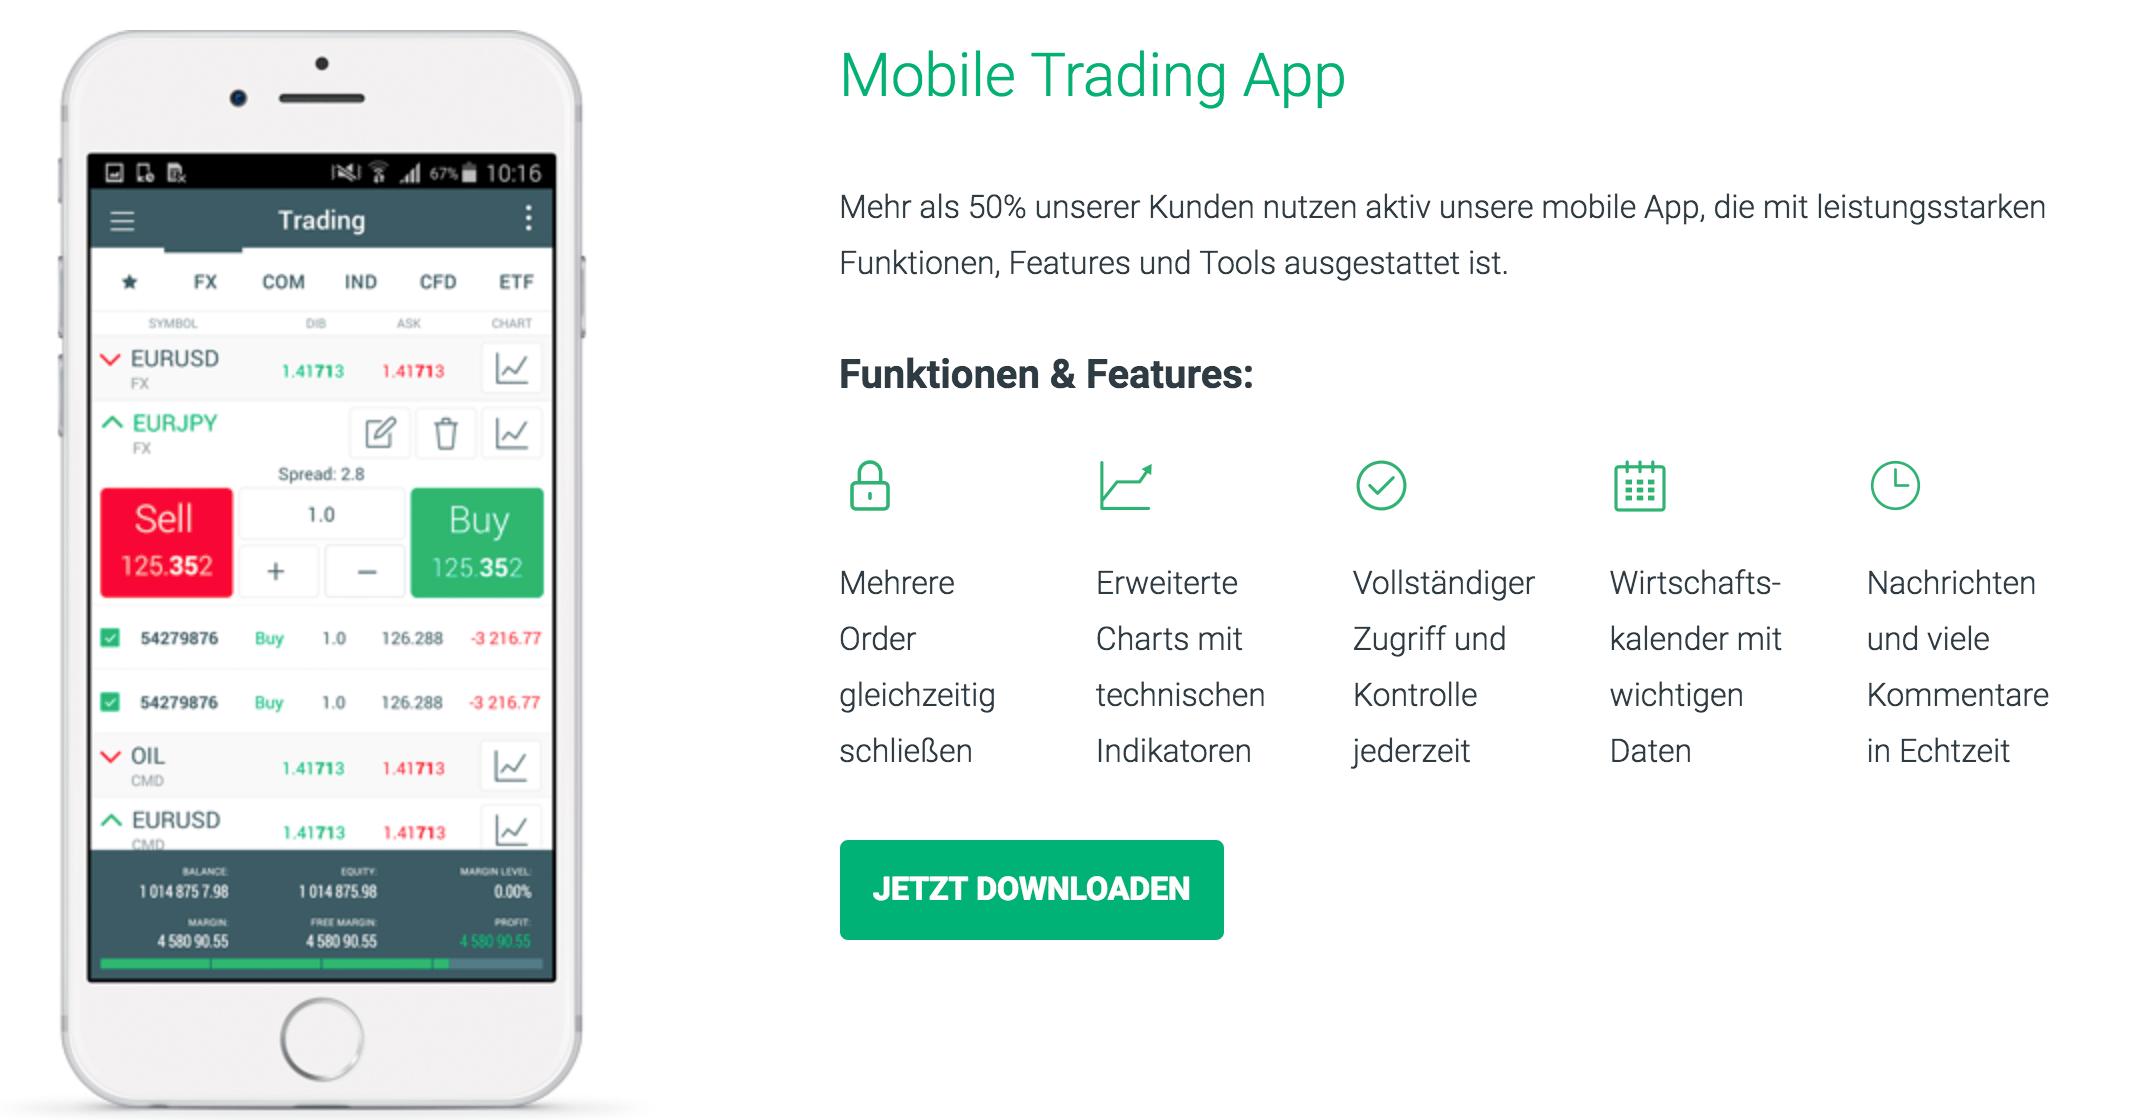 XTB bietet verschiedene Handelsplattformen und auch praktische Trading-Apps